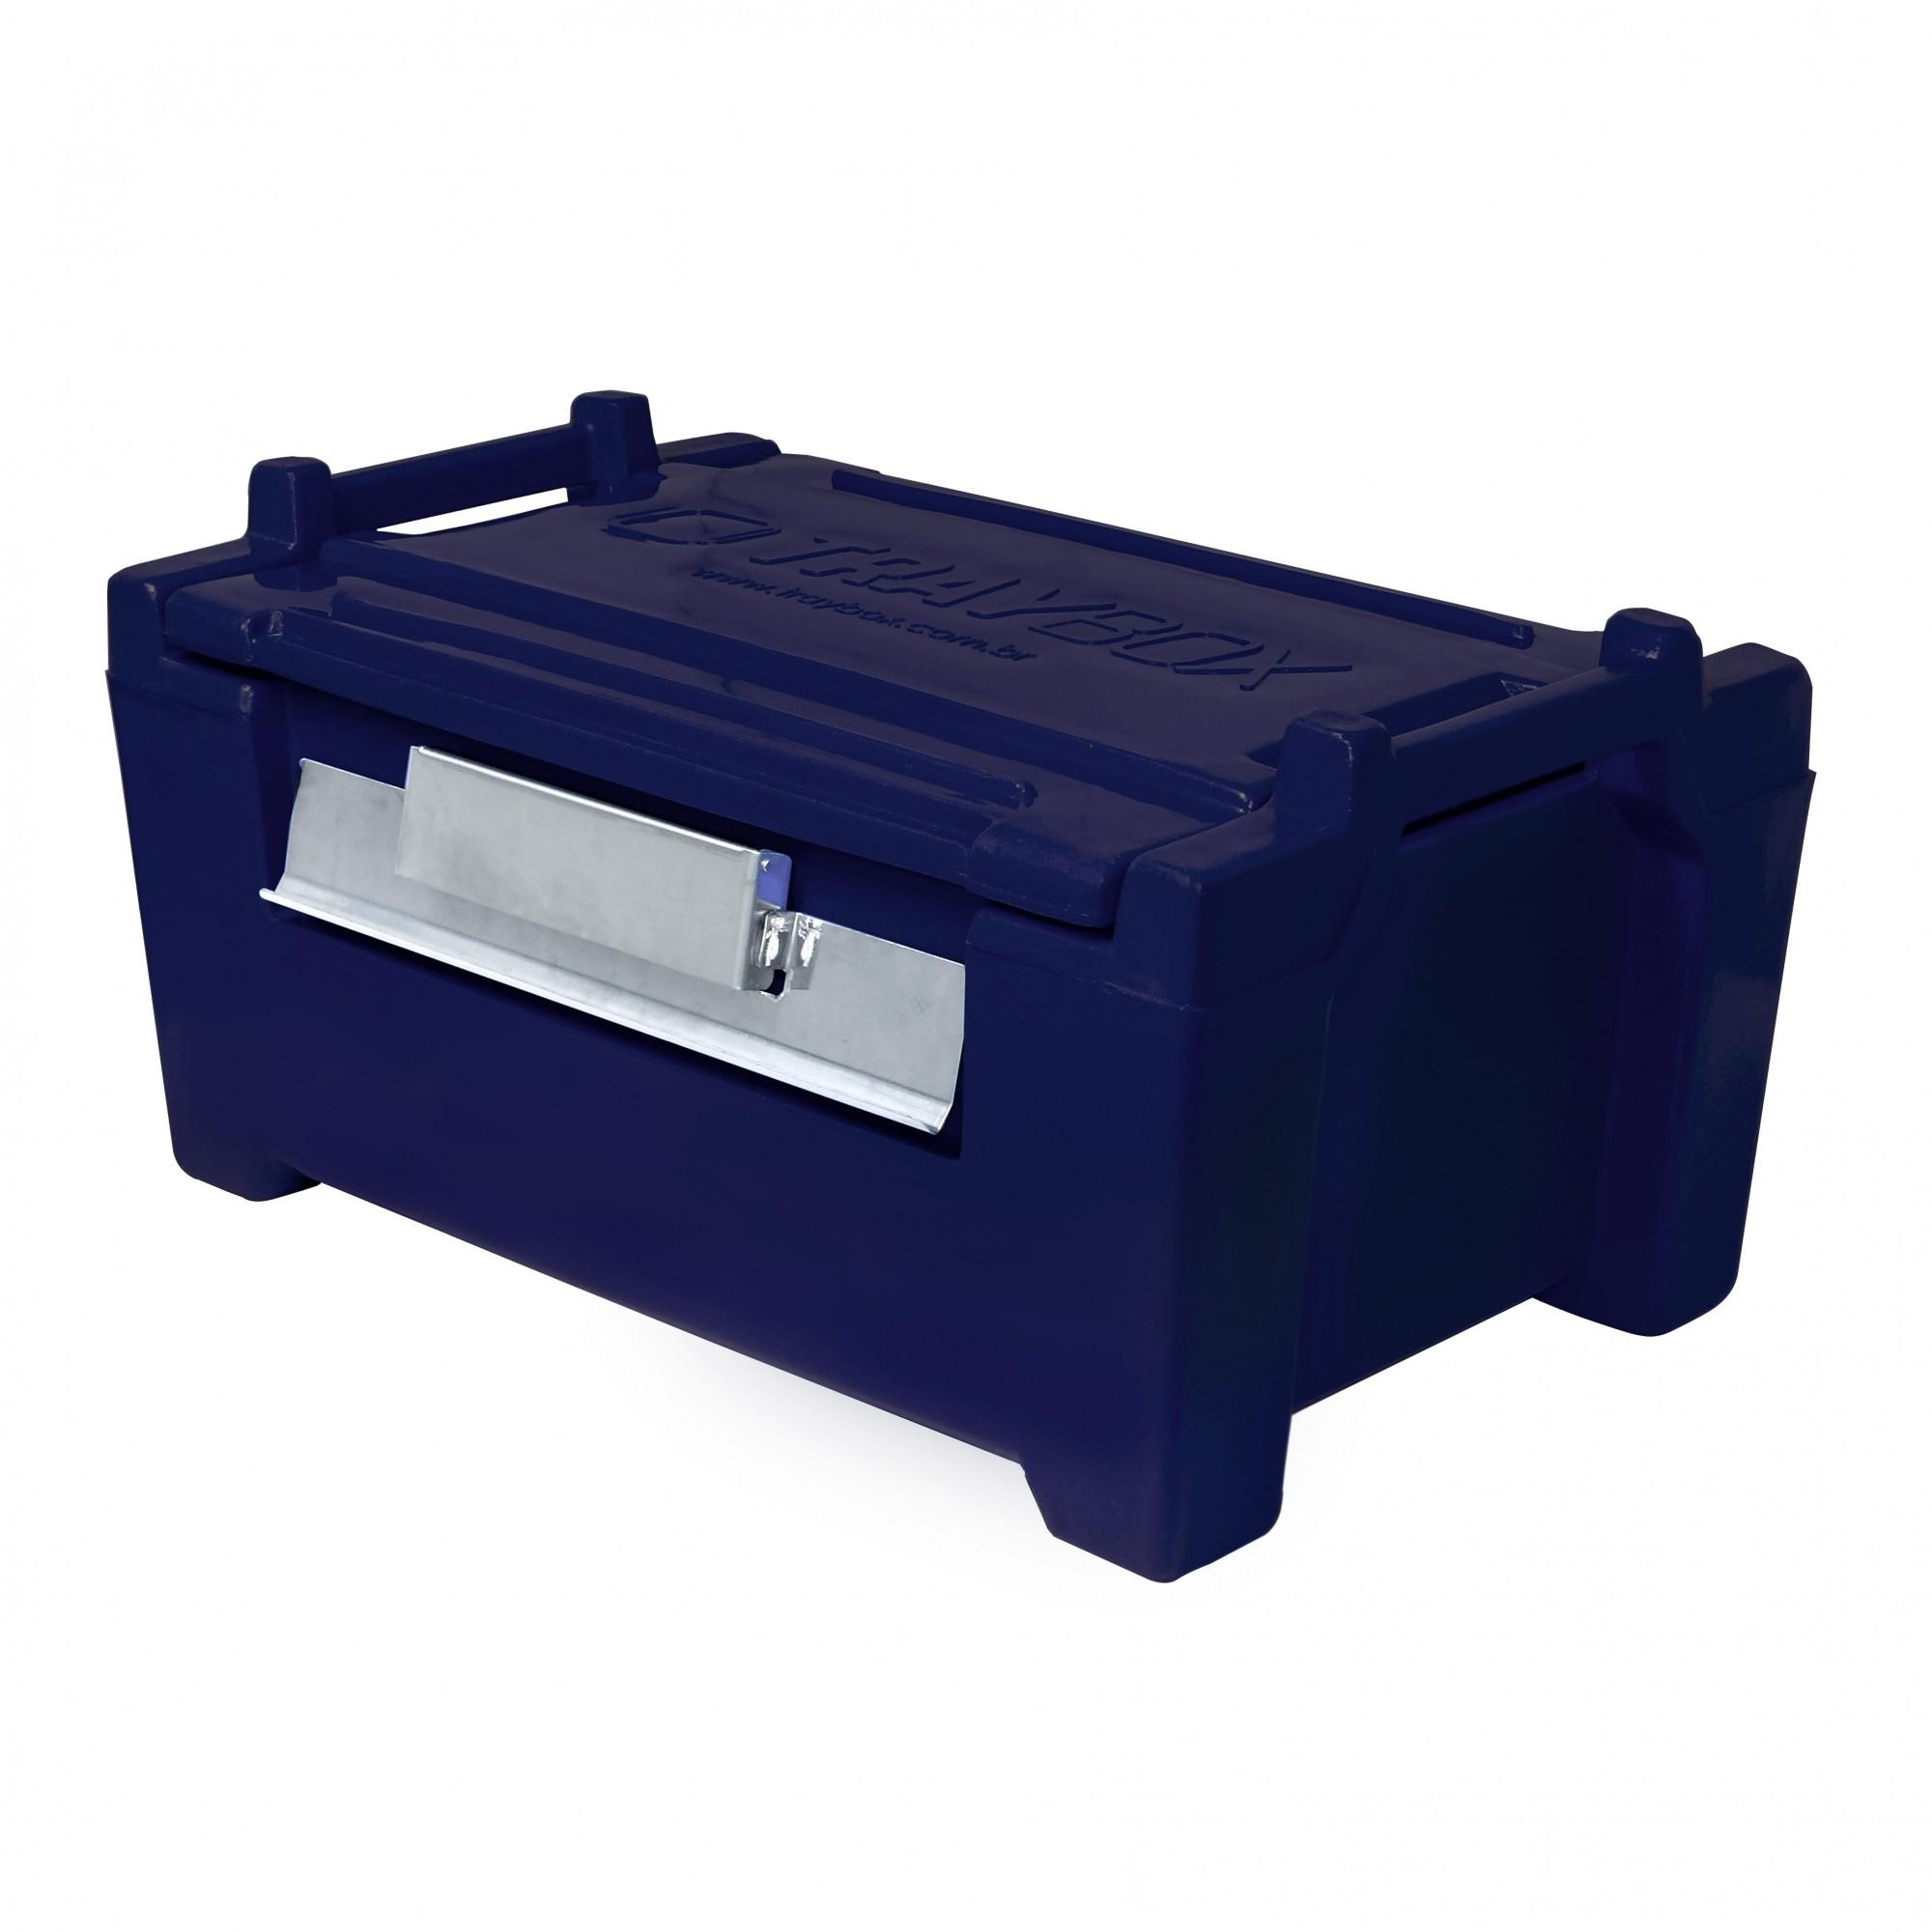 Caixa Térmica Hot Box de 30 Litros de Polietileno para Alimentos Quentes